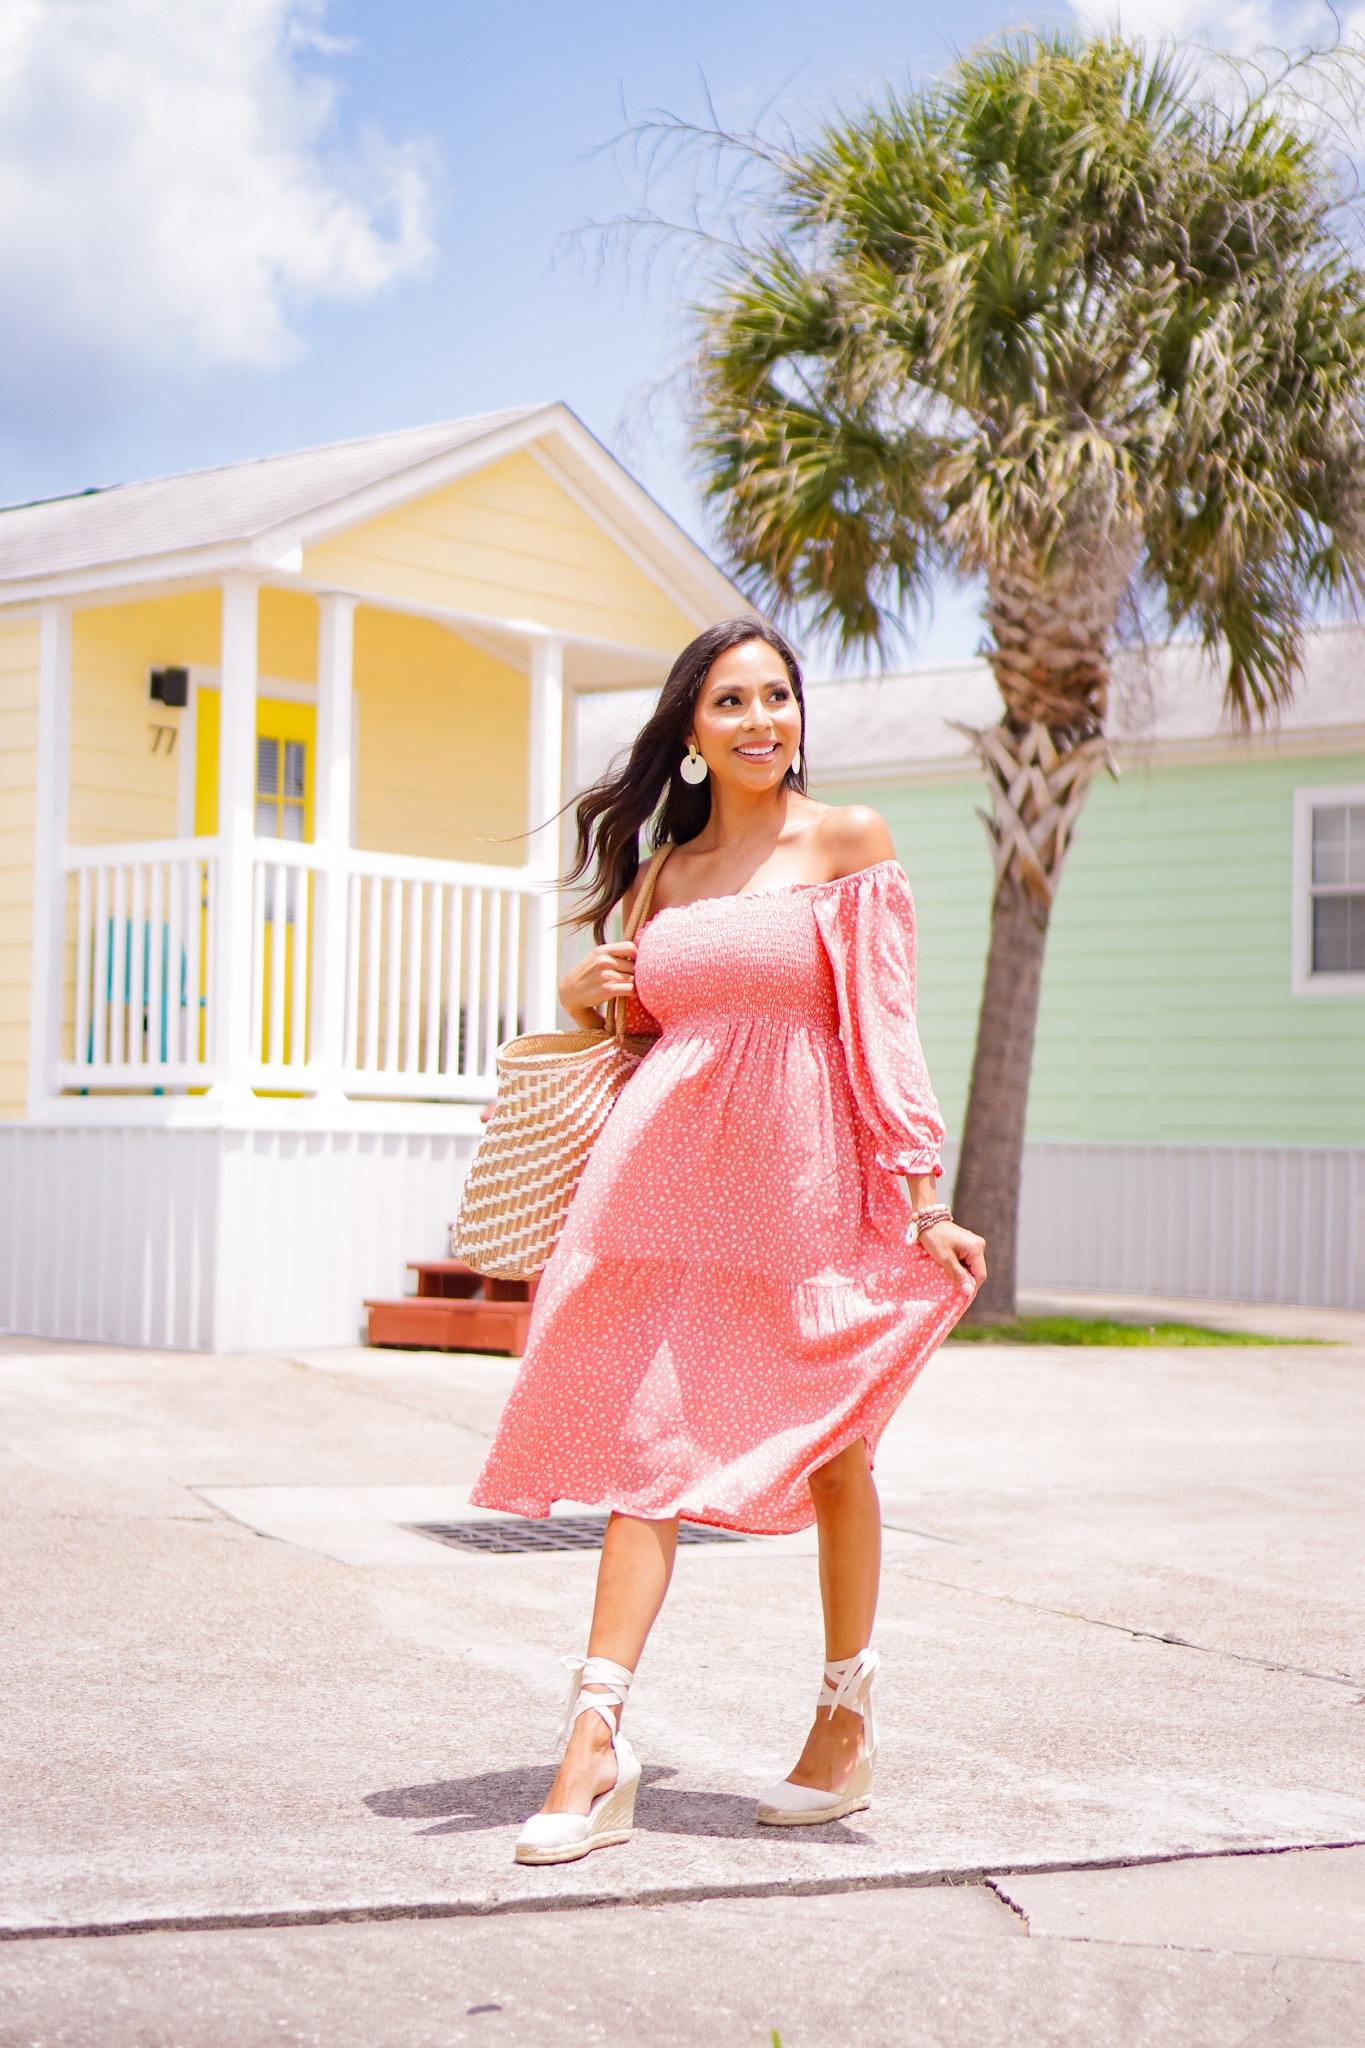 Summertime dresses